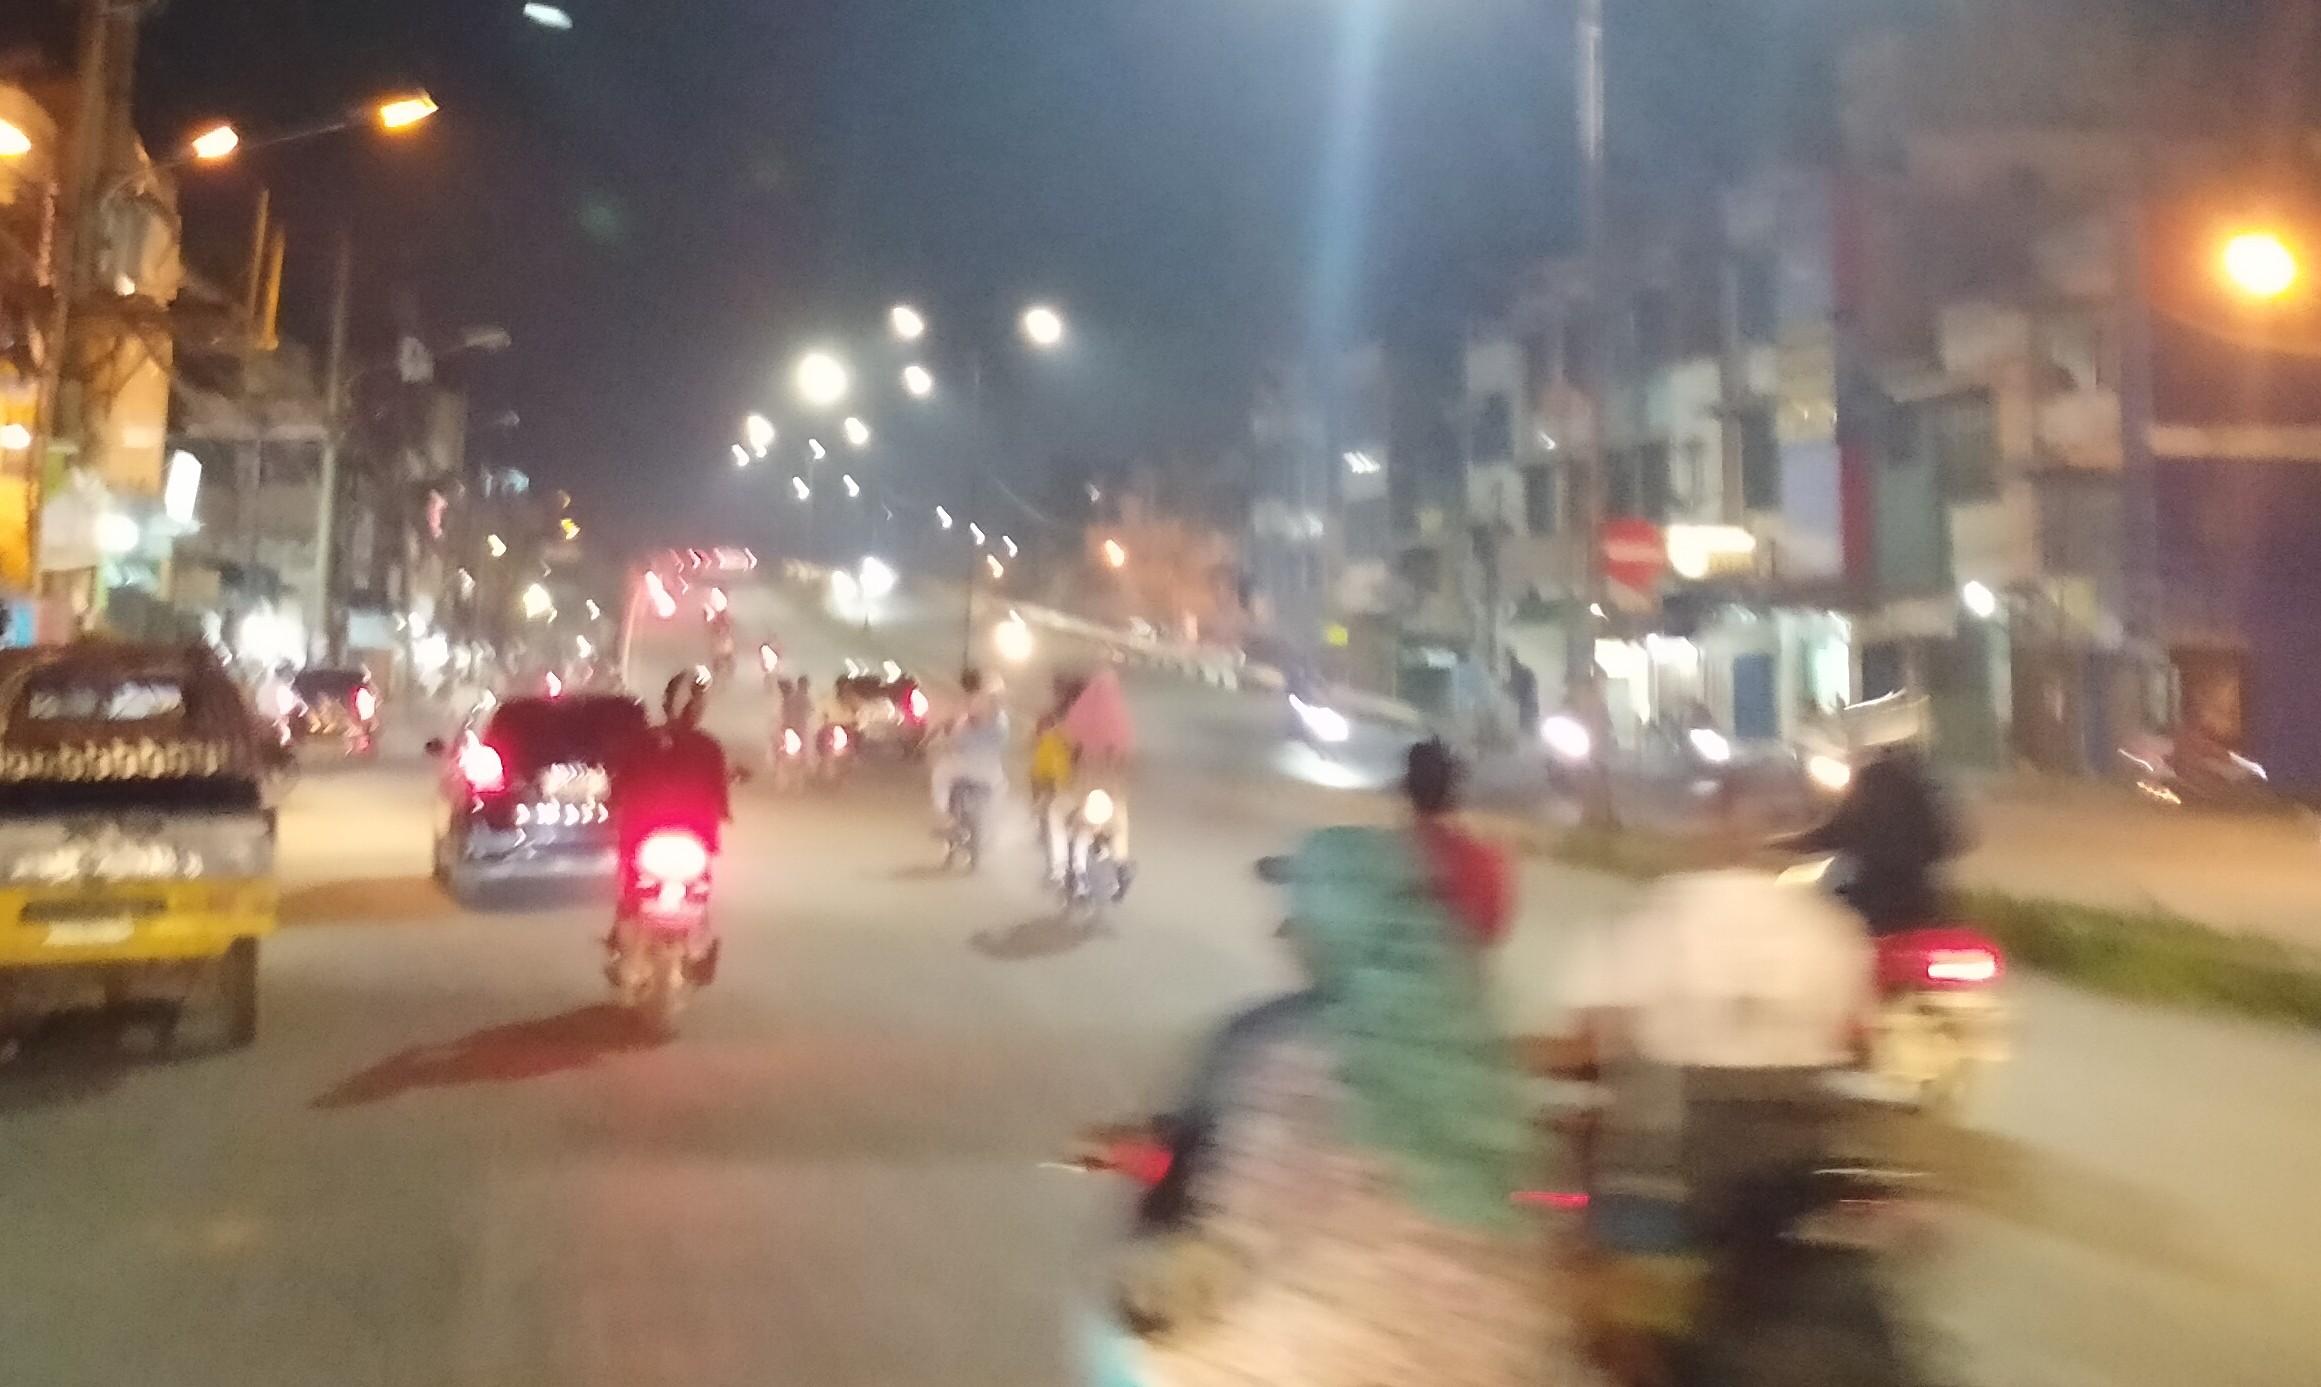 Suasana Malam Takbiran di Pinggiran Medan : Ruas Jalan Disekat, Arus Lalu Lintas Ramai Lancar